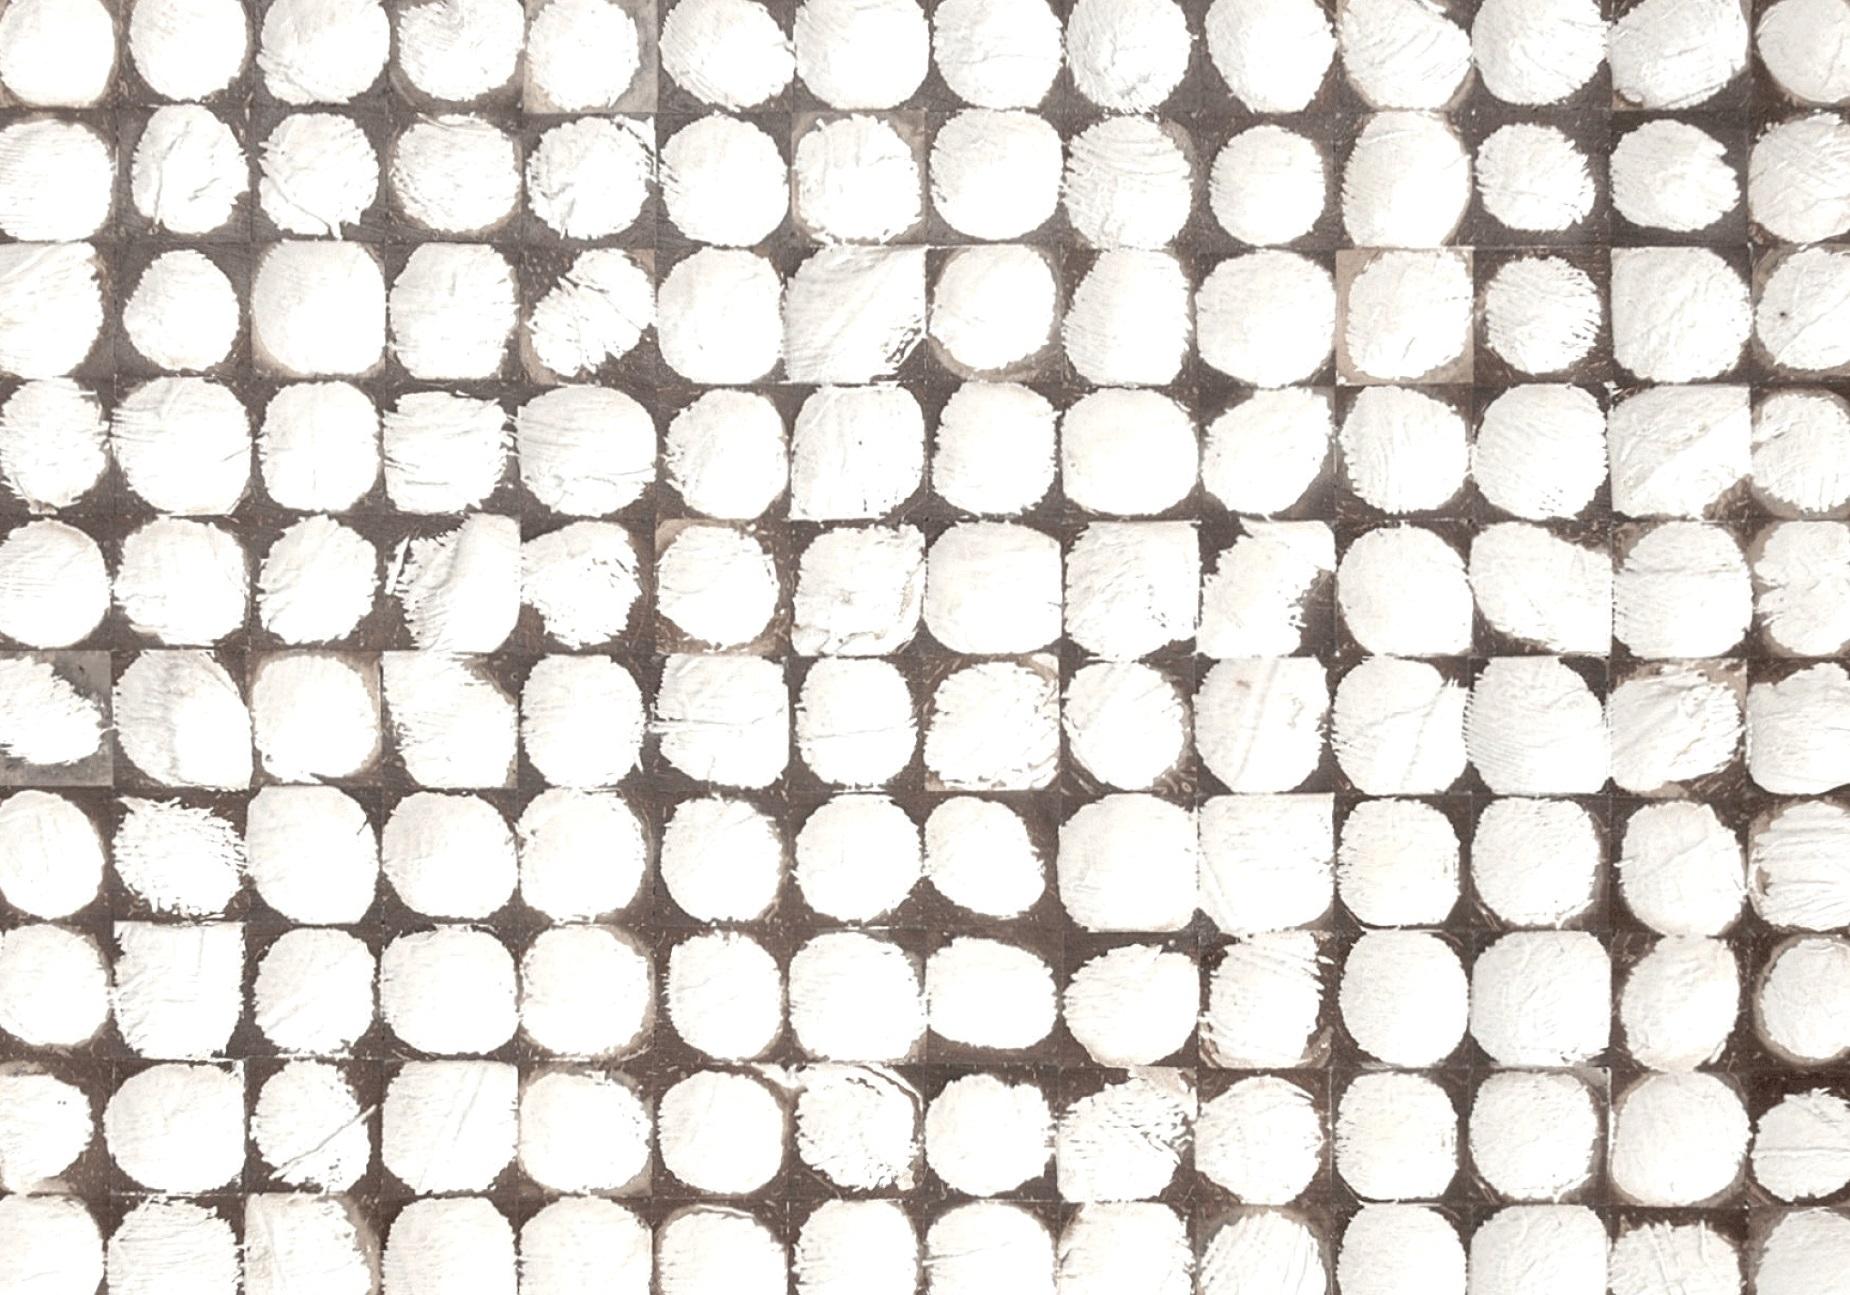 Wit met bruine kokosnoot Bagonjong coco bliss patina white uit de Boracay Beach collectie